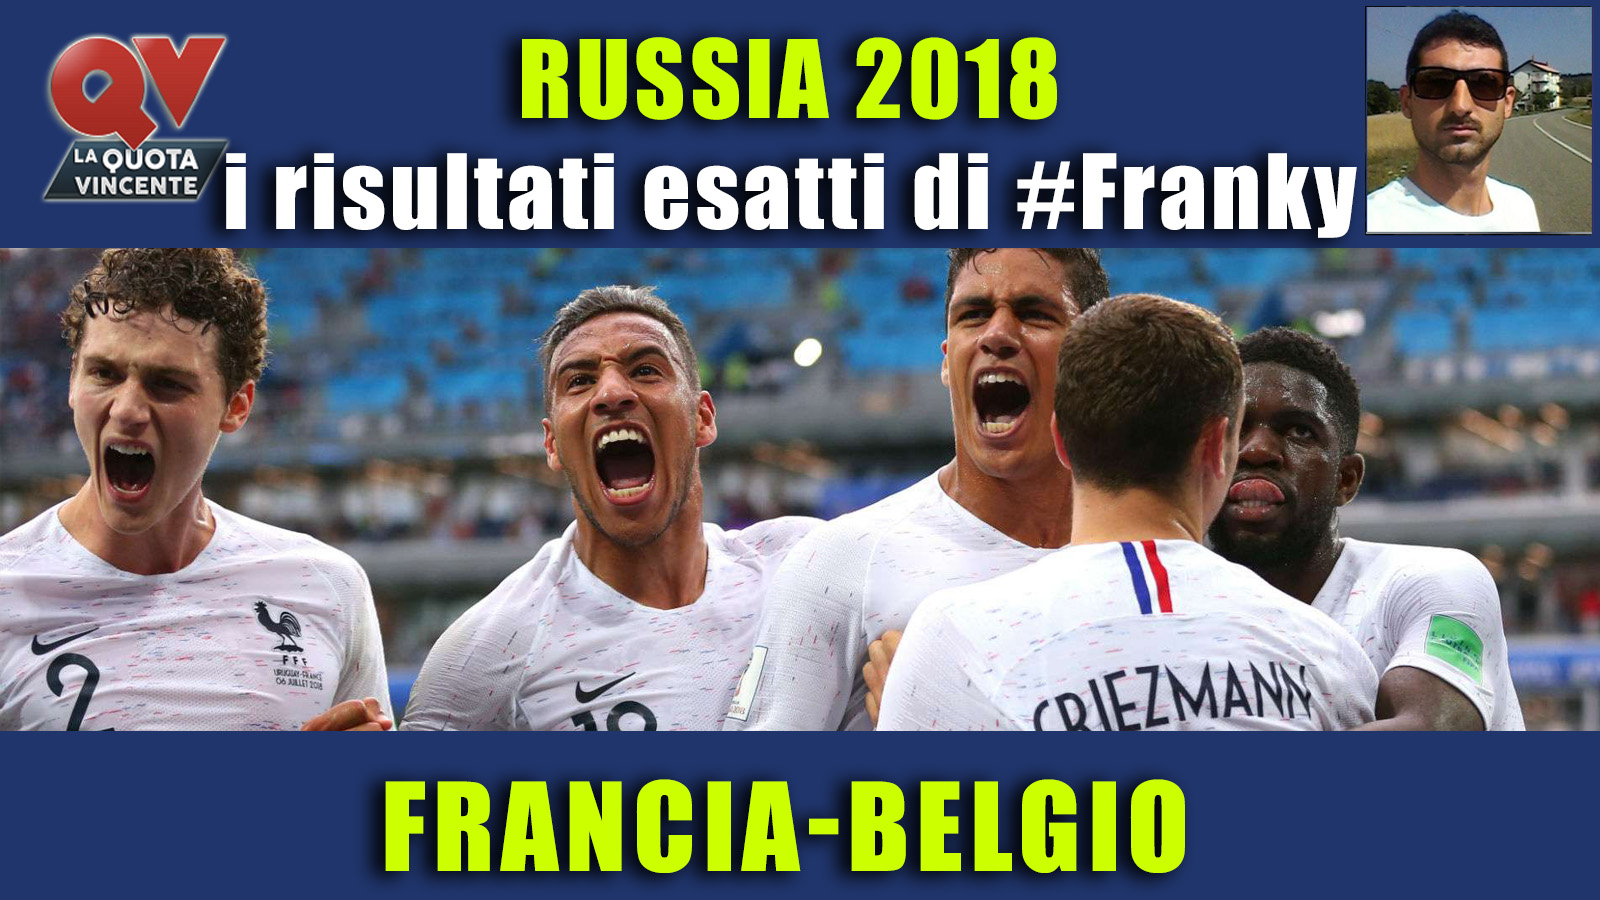 Pronostici risultati esatti Mondiali 10 luglio: le scelte di #FrankyDefa